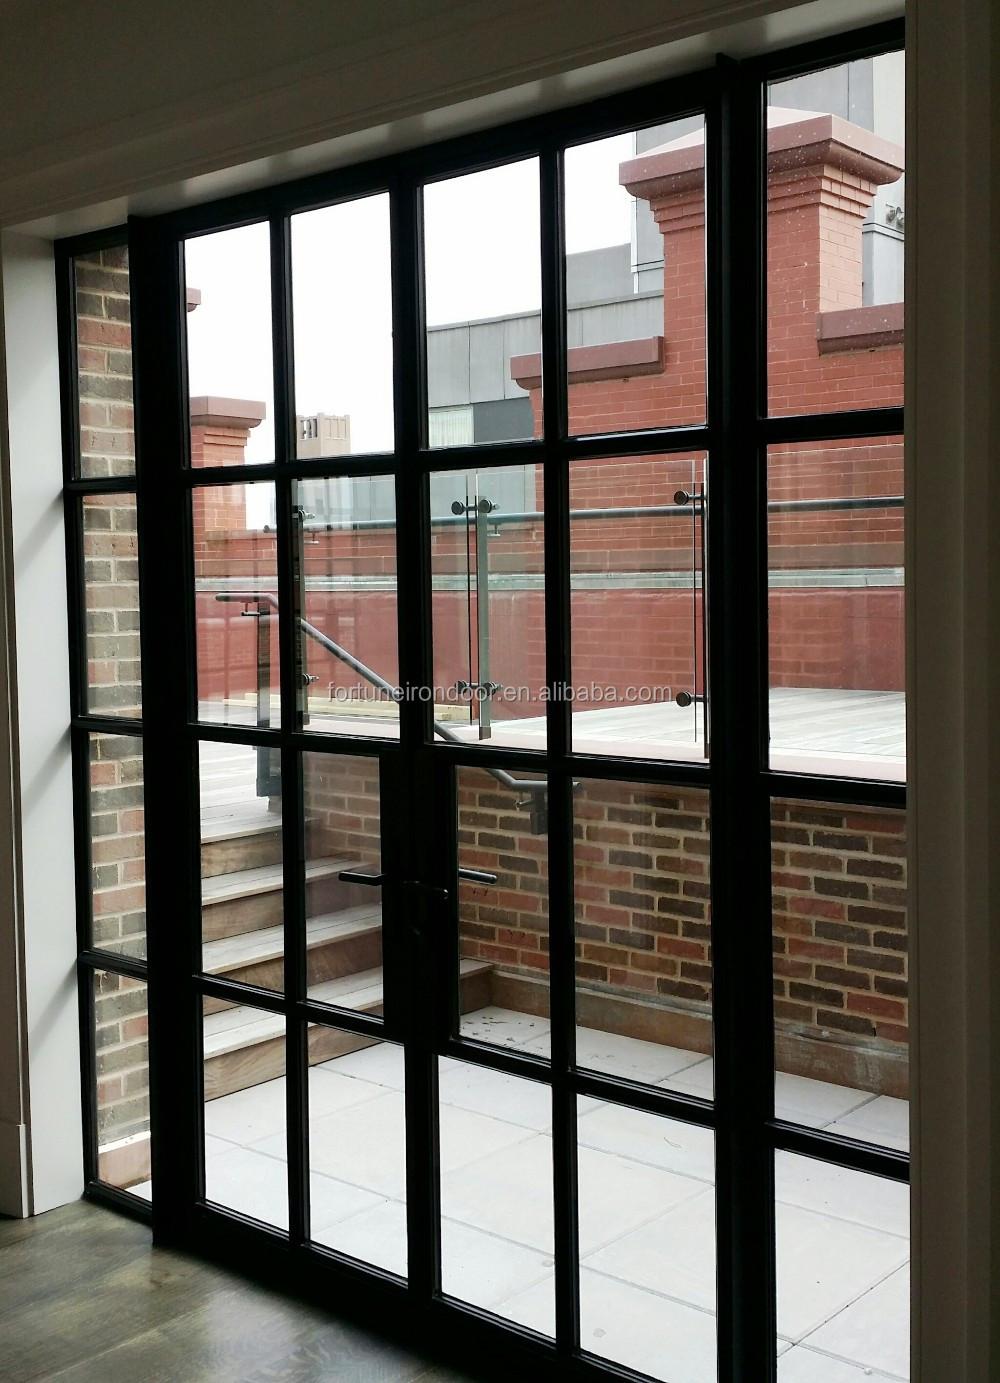 Hot Rolled Steel Window Thermally Broken Windows And Doors